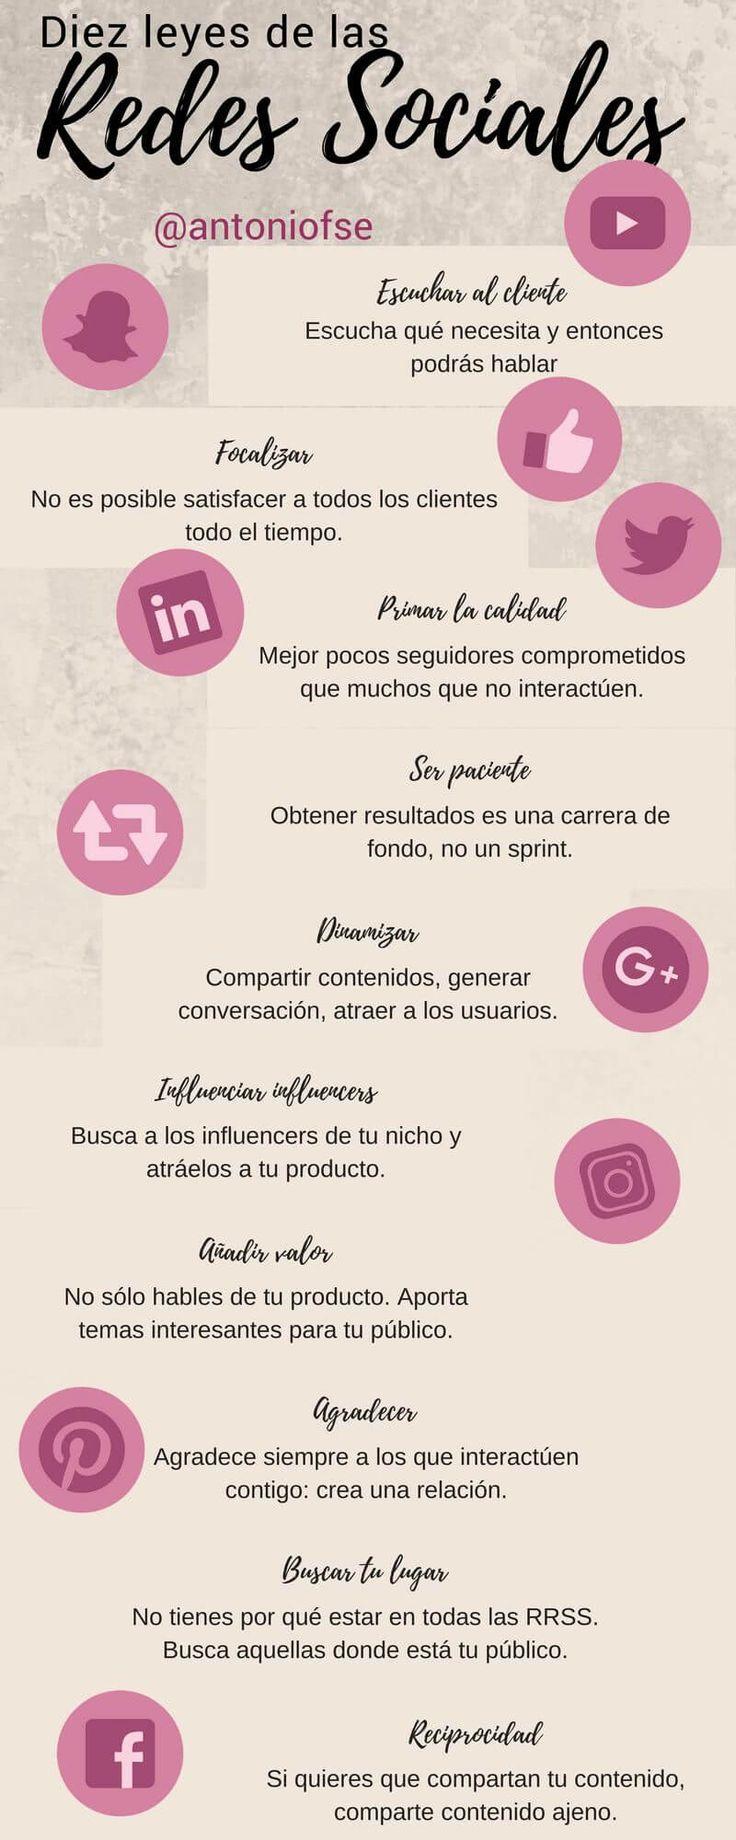 Diez Mandamientos de las Redes Sociales - Infografía